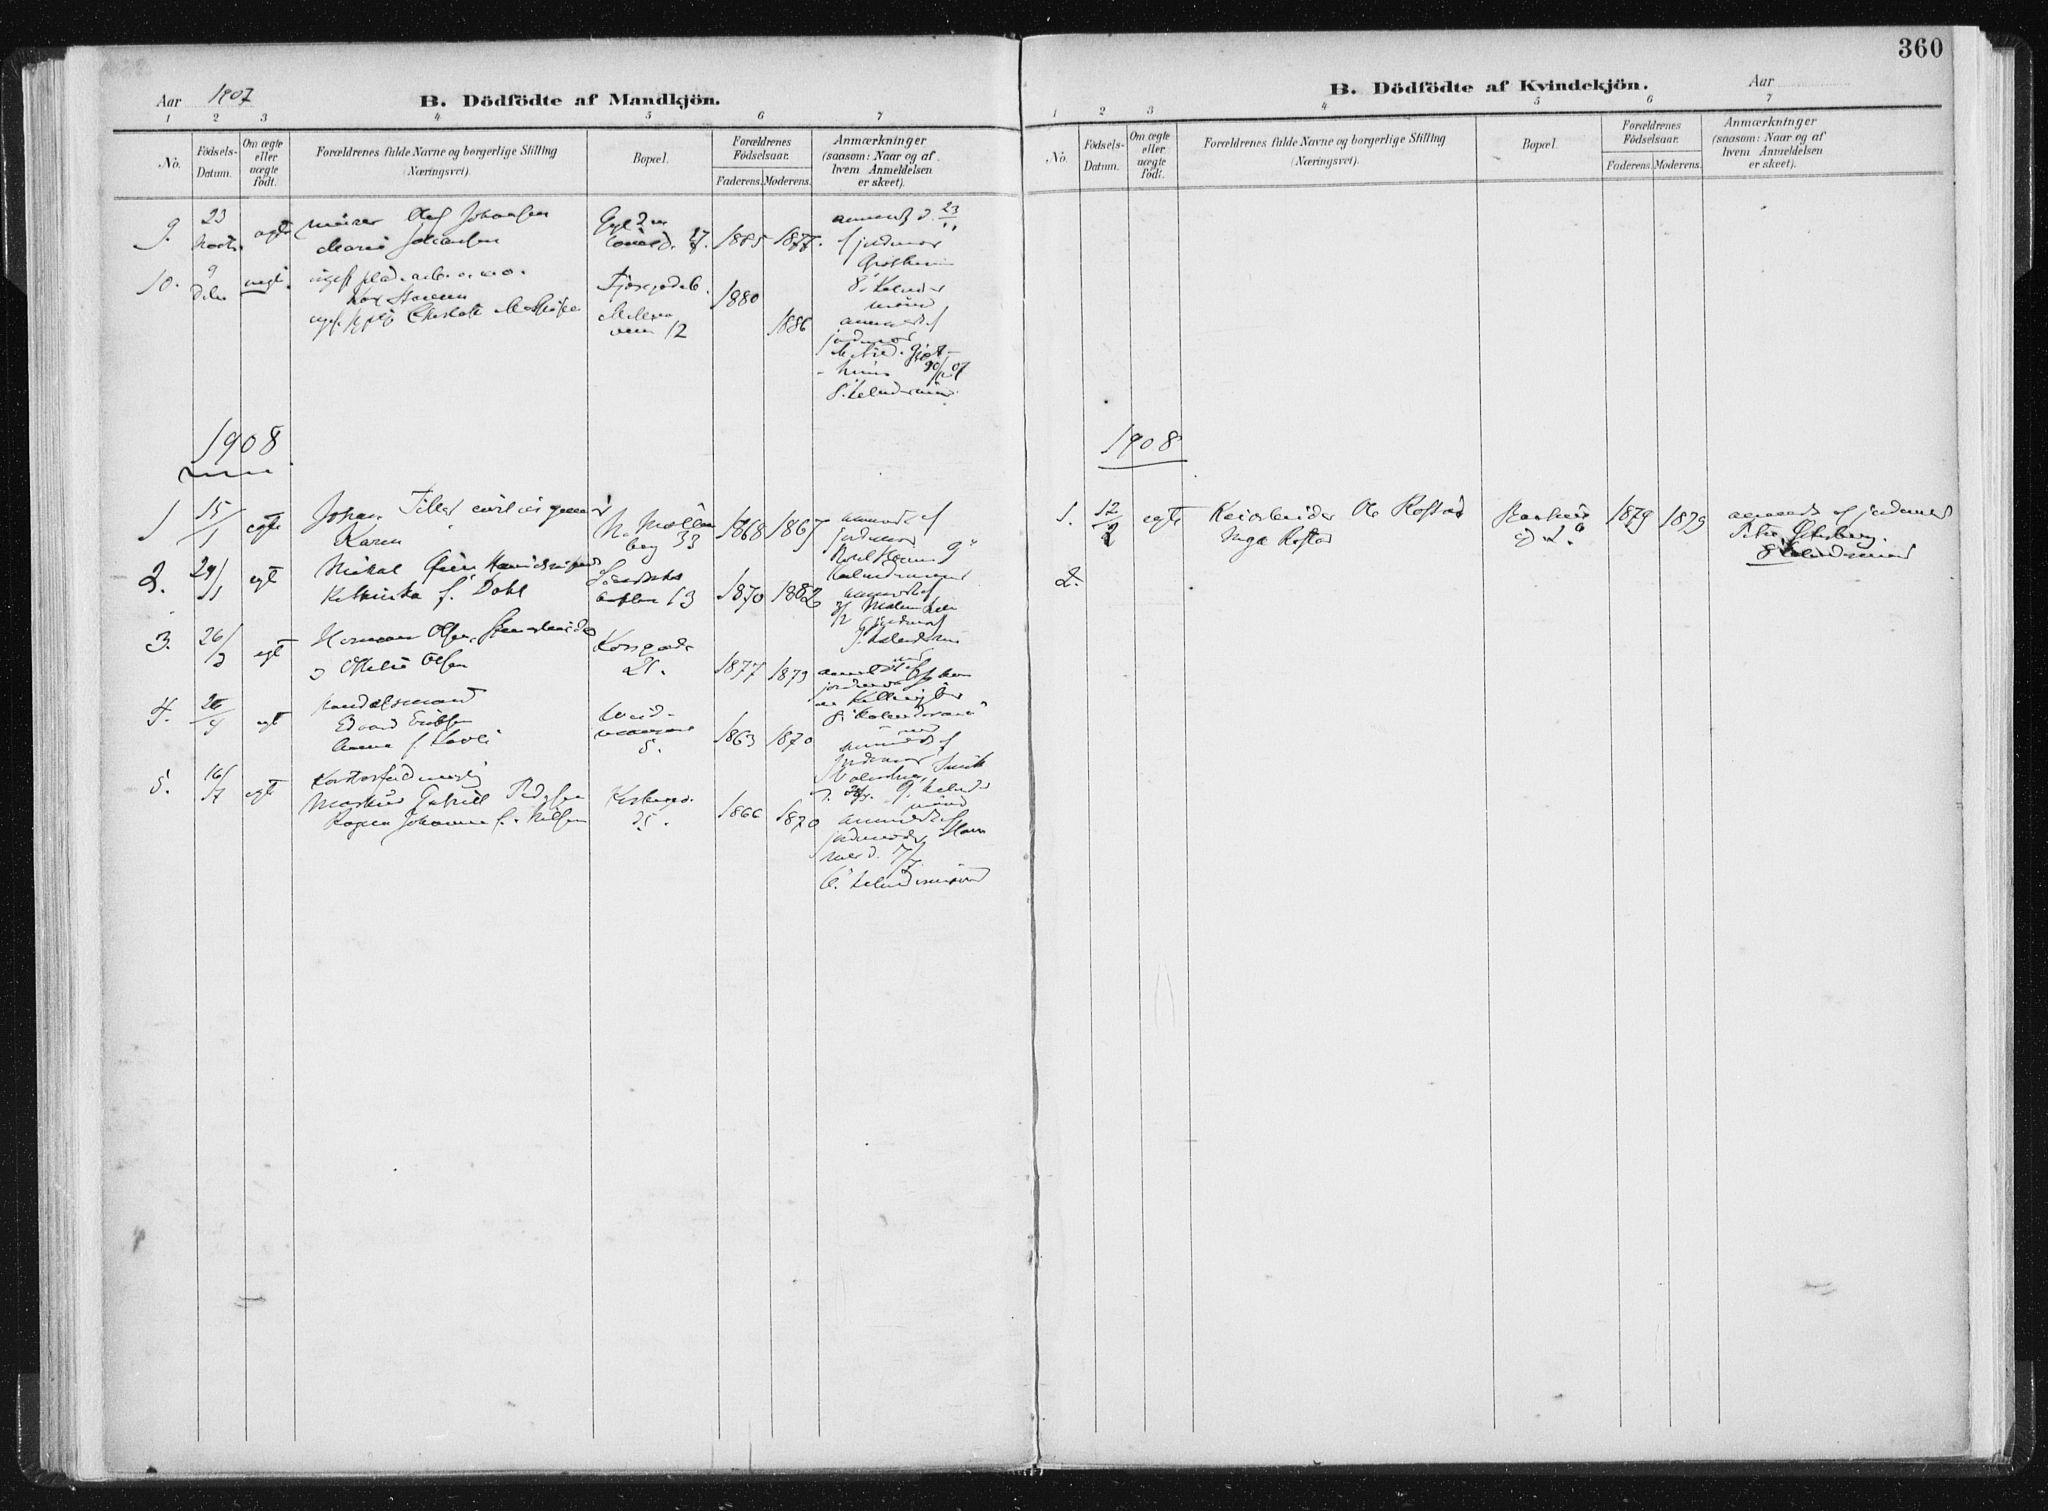 SAT, Ministerialprotokoller, klokkerbøker og fødselsregistre - Sør-Trøndelag, 604/L0200: Ministerialbok nr. 604A20II, 1901-1908, s. 360